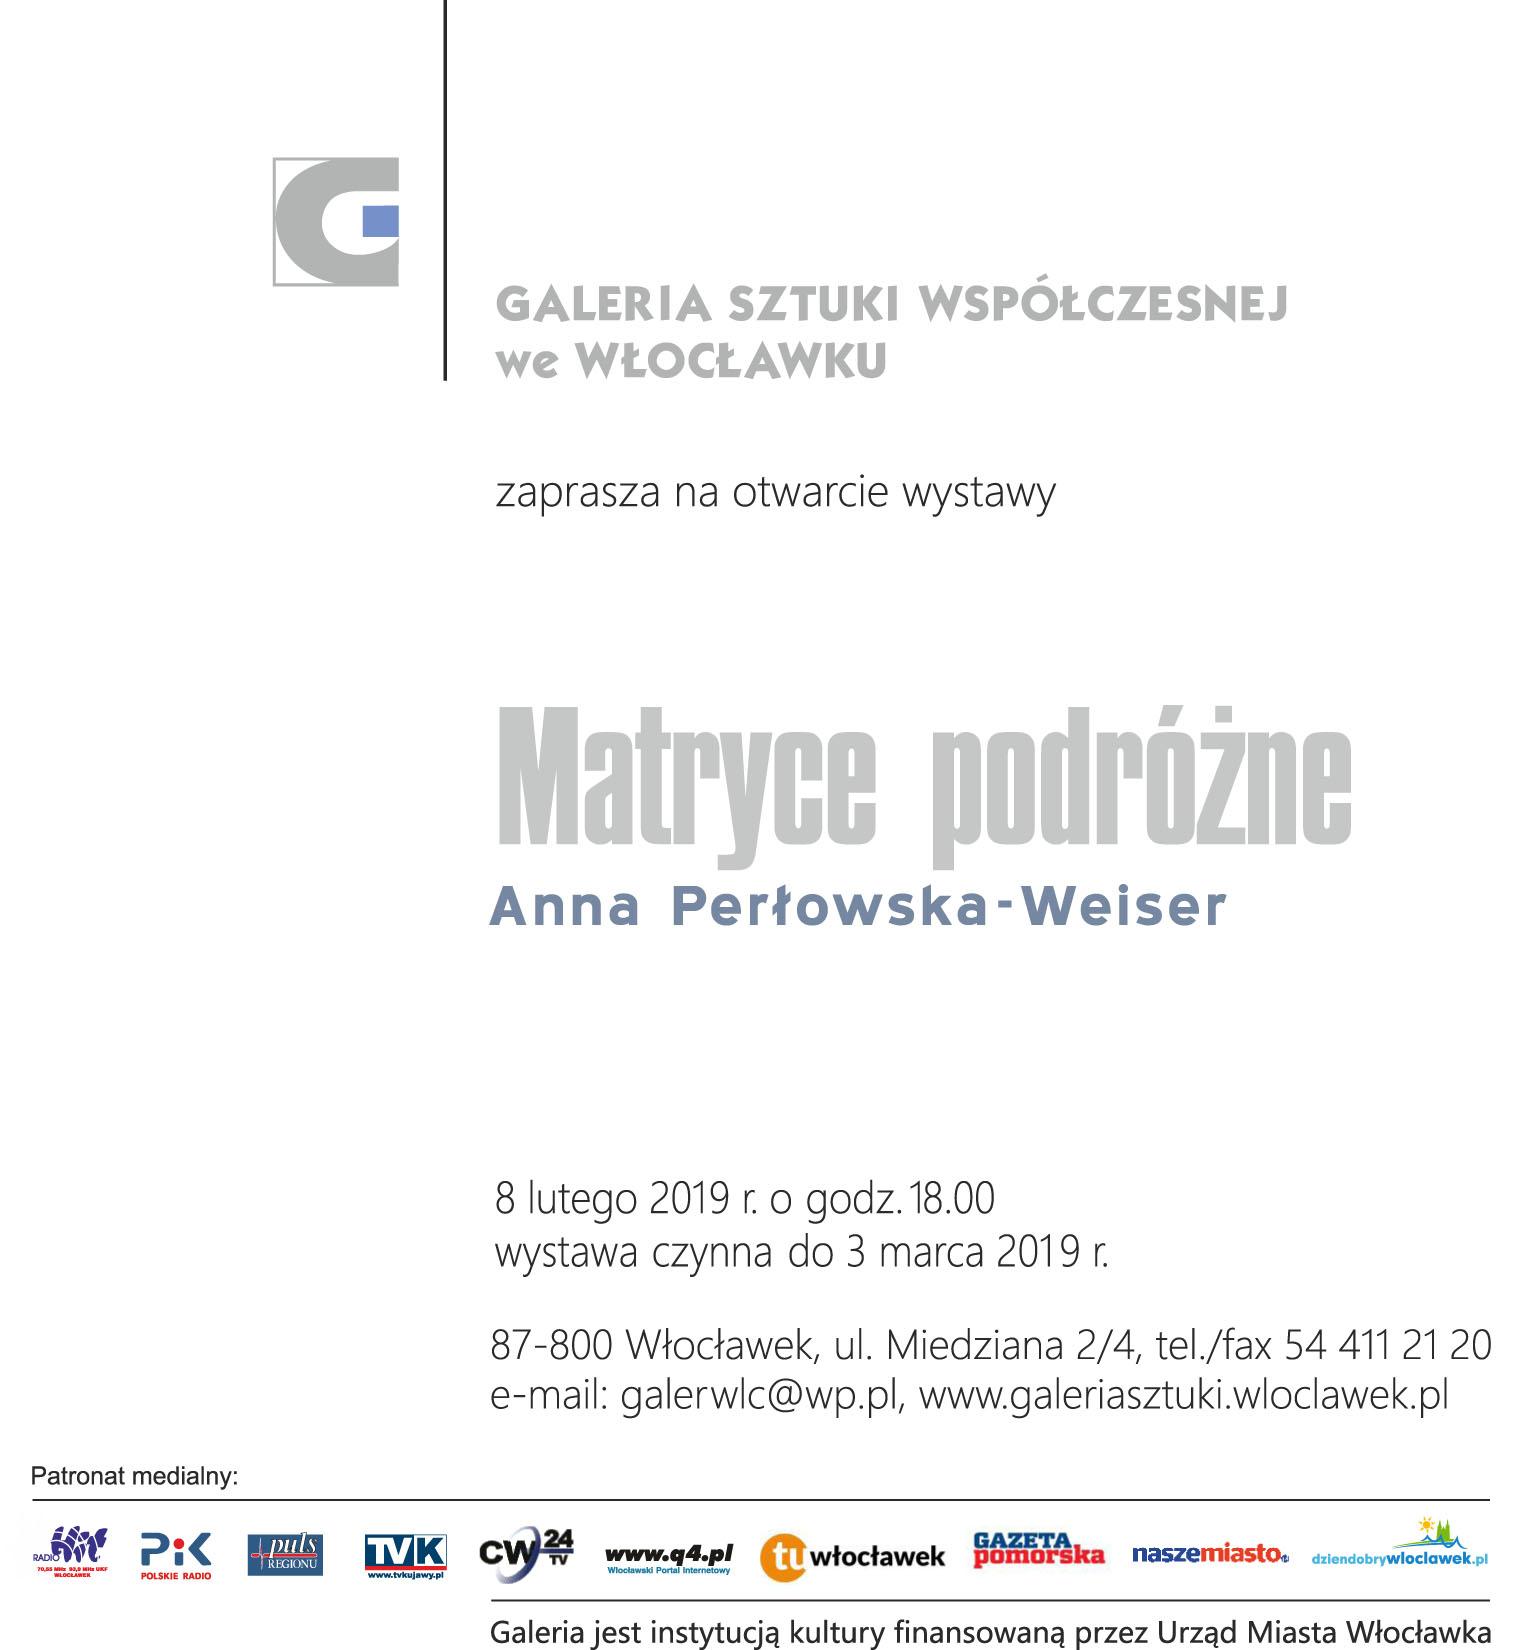 2 Zaproszenie Matryce podróżne.jpg